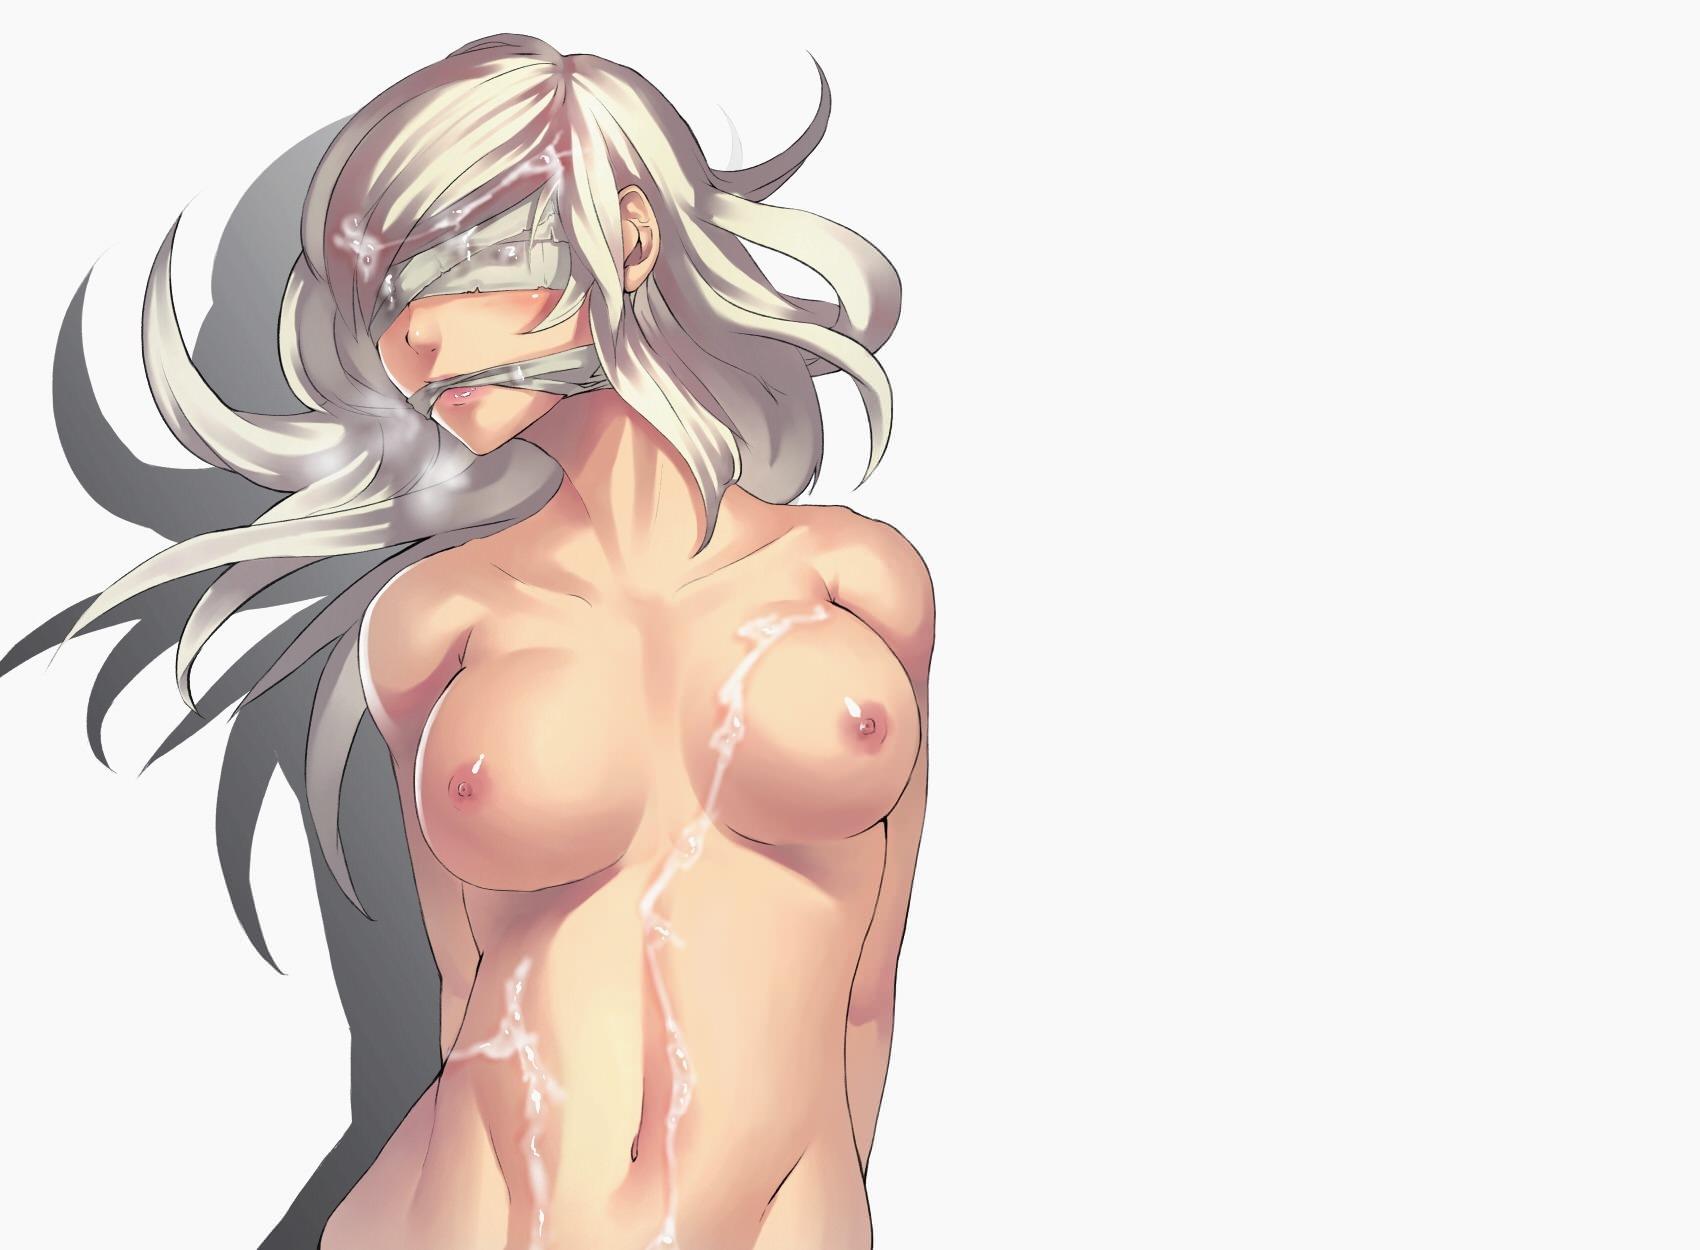 Фото Голая девушка, связанные глаза и рот, сперма на сиськах, скачать картинку бесплатно